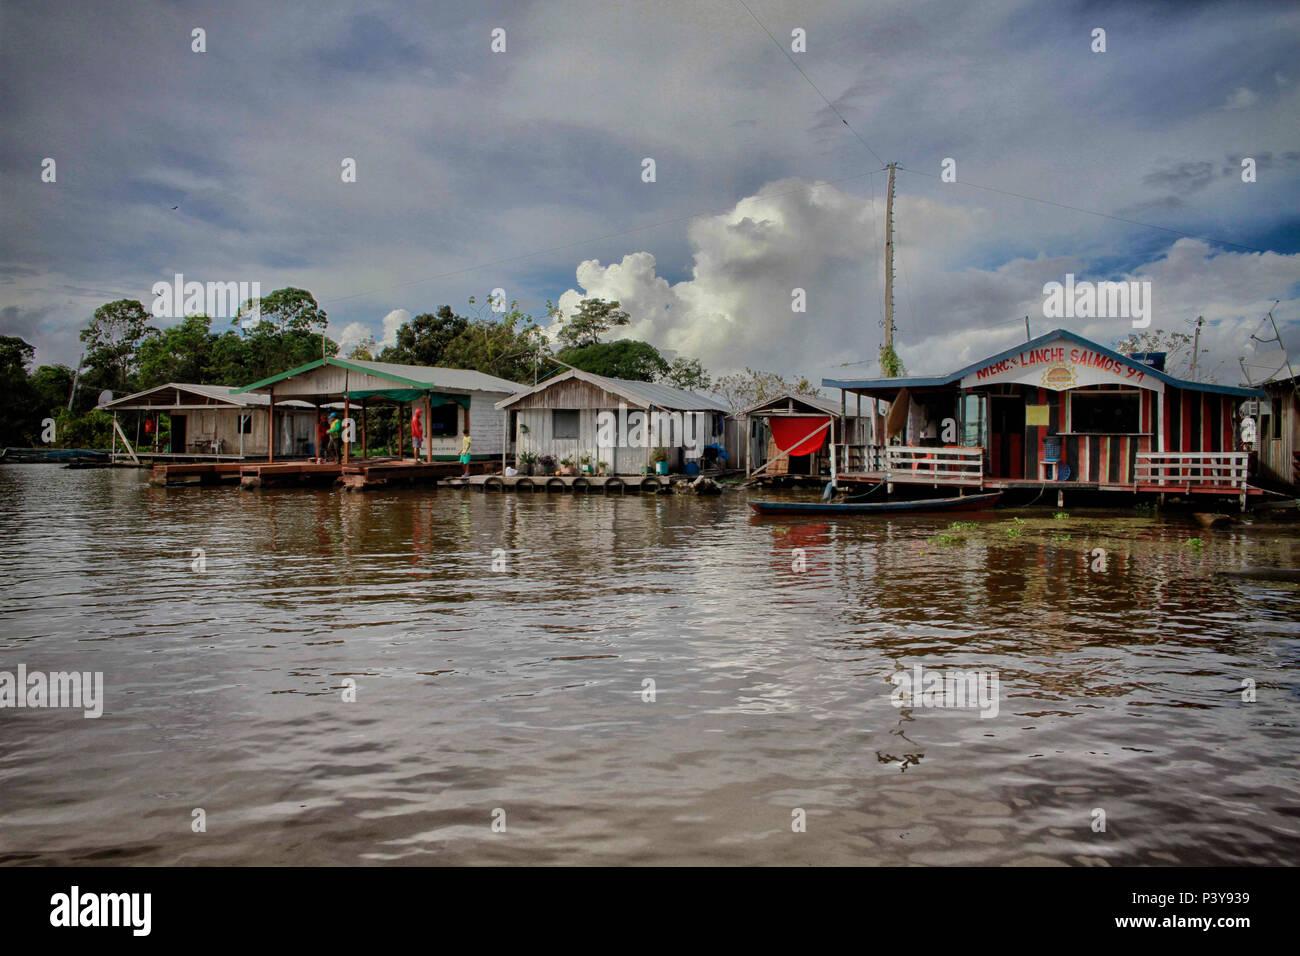 """No município de iranduba no Amazonas, una Comunidade Catalão reduto é um Pouco de tranquilidade a menos de 30 minutos de Manaus pelo Río Negro, são106 casas flutuantes que un formam, que ficam sobre toras de Madeira que, molhadas duram, décadas. Há uma atração apenas que una de seu flutuante peixaria 'Alemão"""", onde os turistas pescam pirarucu. Imagen De Stock"""